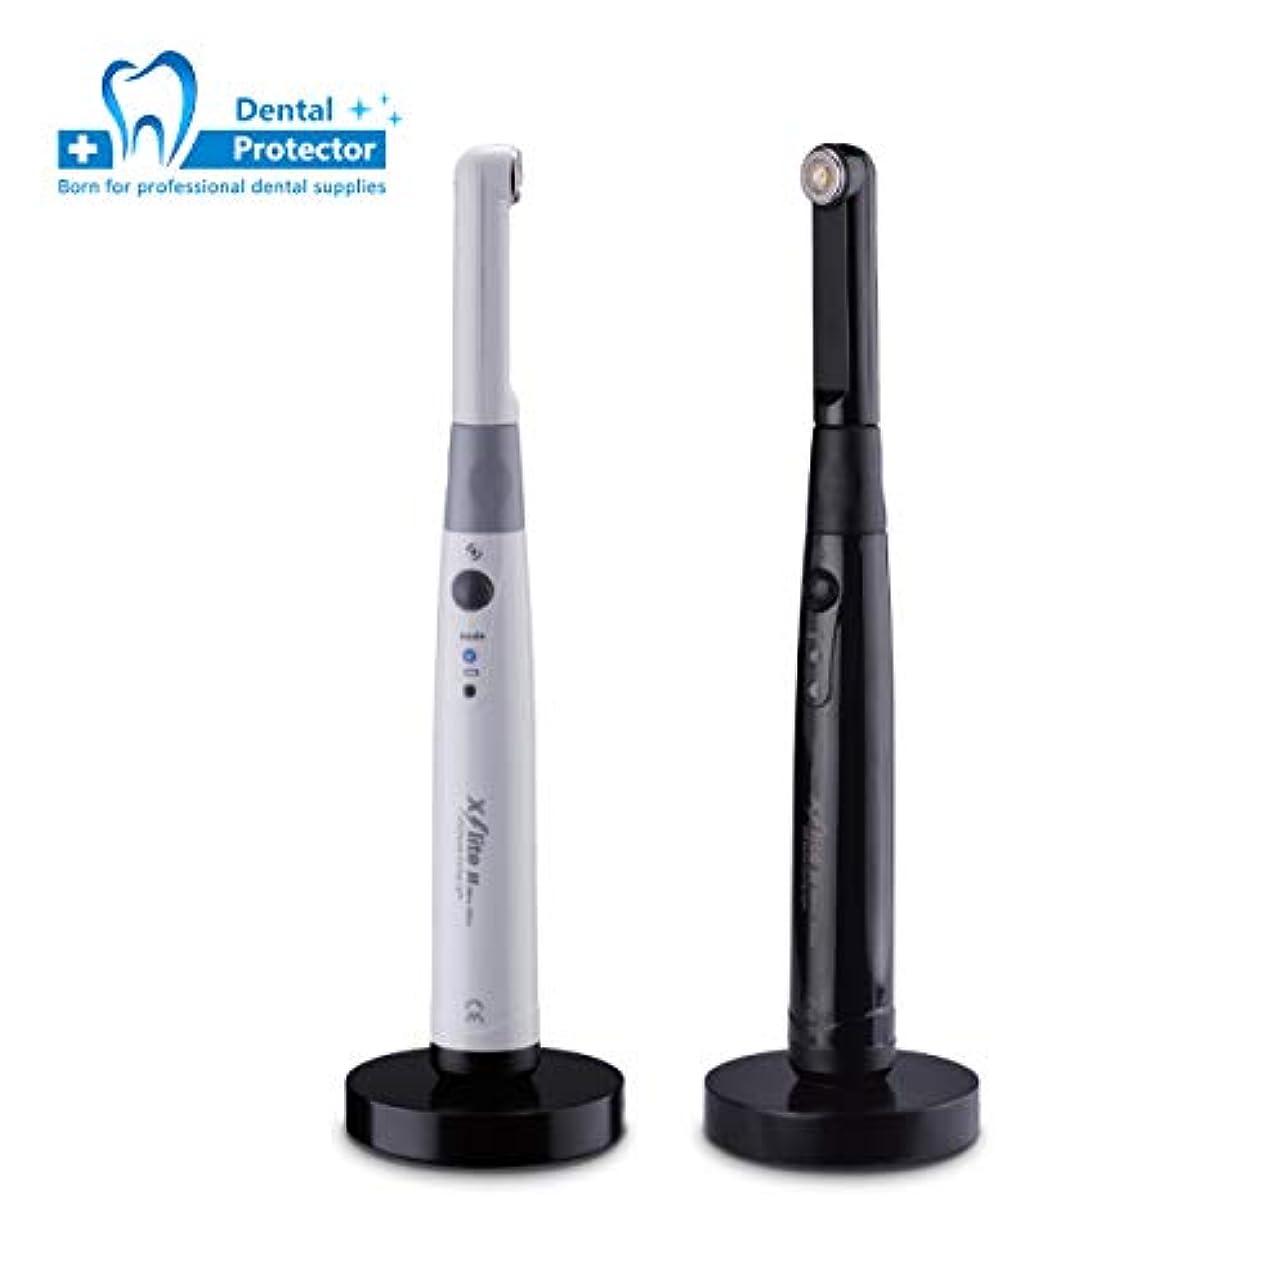 宇宙船専門知識衣服歯科のための3H X-lite 2歯科LEDライト治療ランプ機械無線電信1700 mwの白